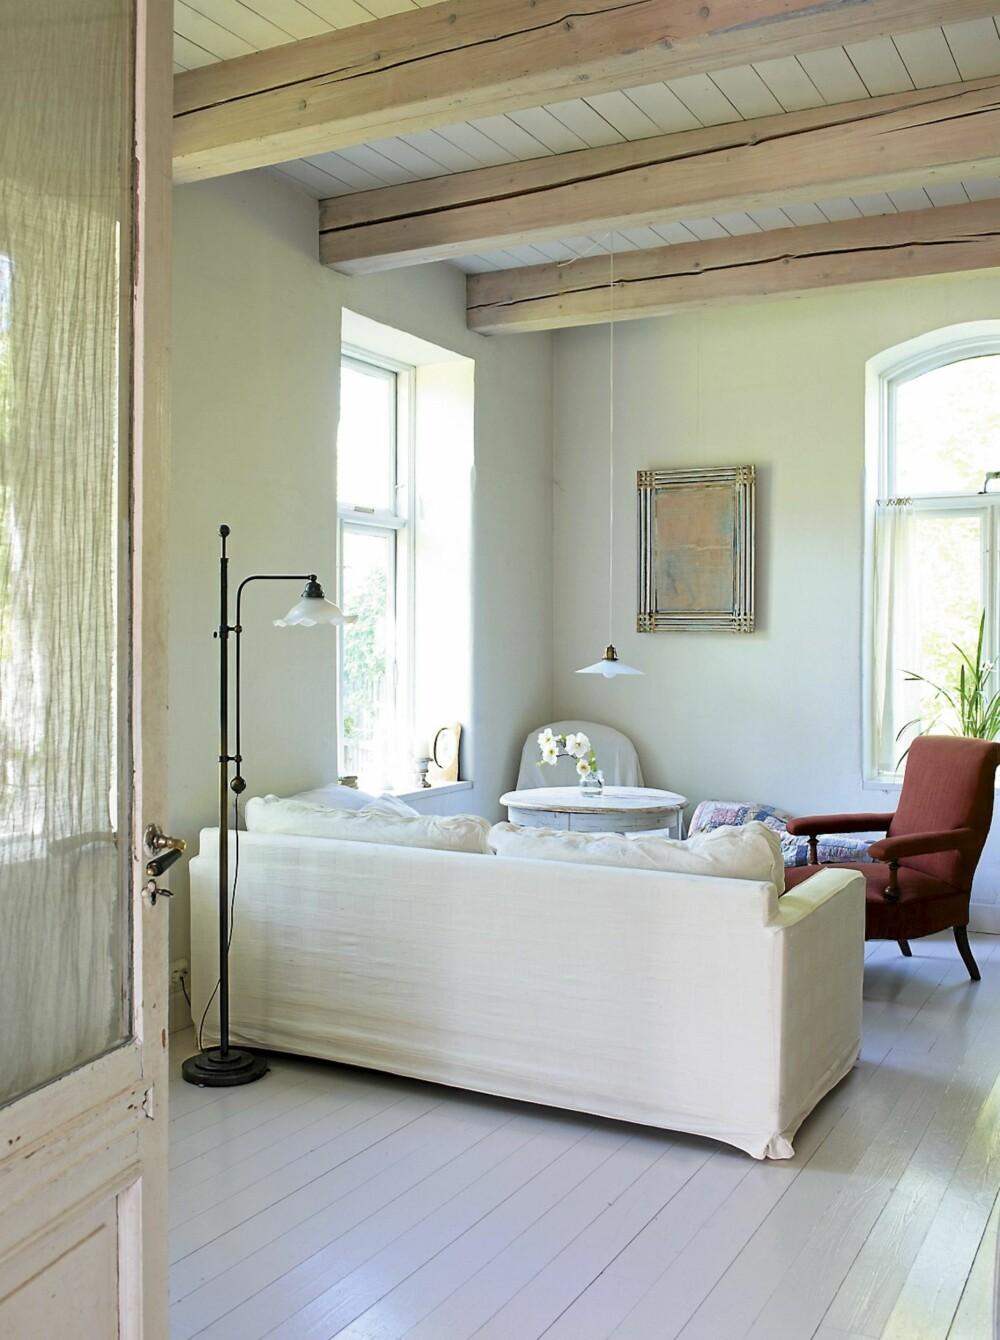 KOMPONERT: Stuen er sval og har rommelig gulvplass. Gulvet er malt med høyglansmaling. Møbler og lamper er funnet på loppemarkeder. Bildet på veggen er malt av Hilde Grønner Flikke.